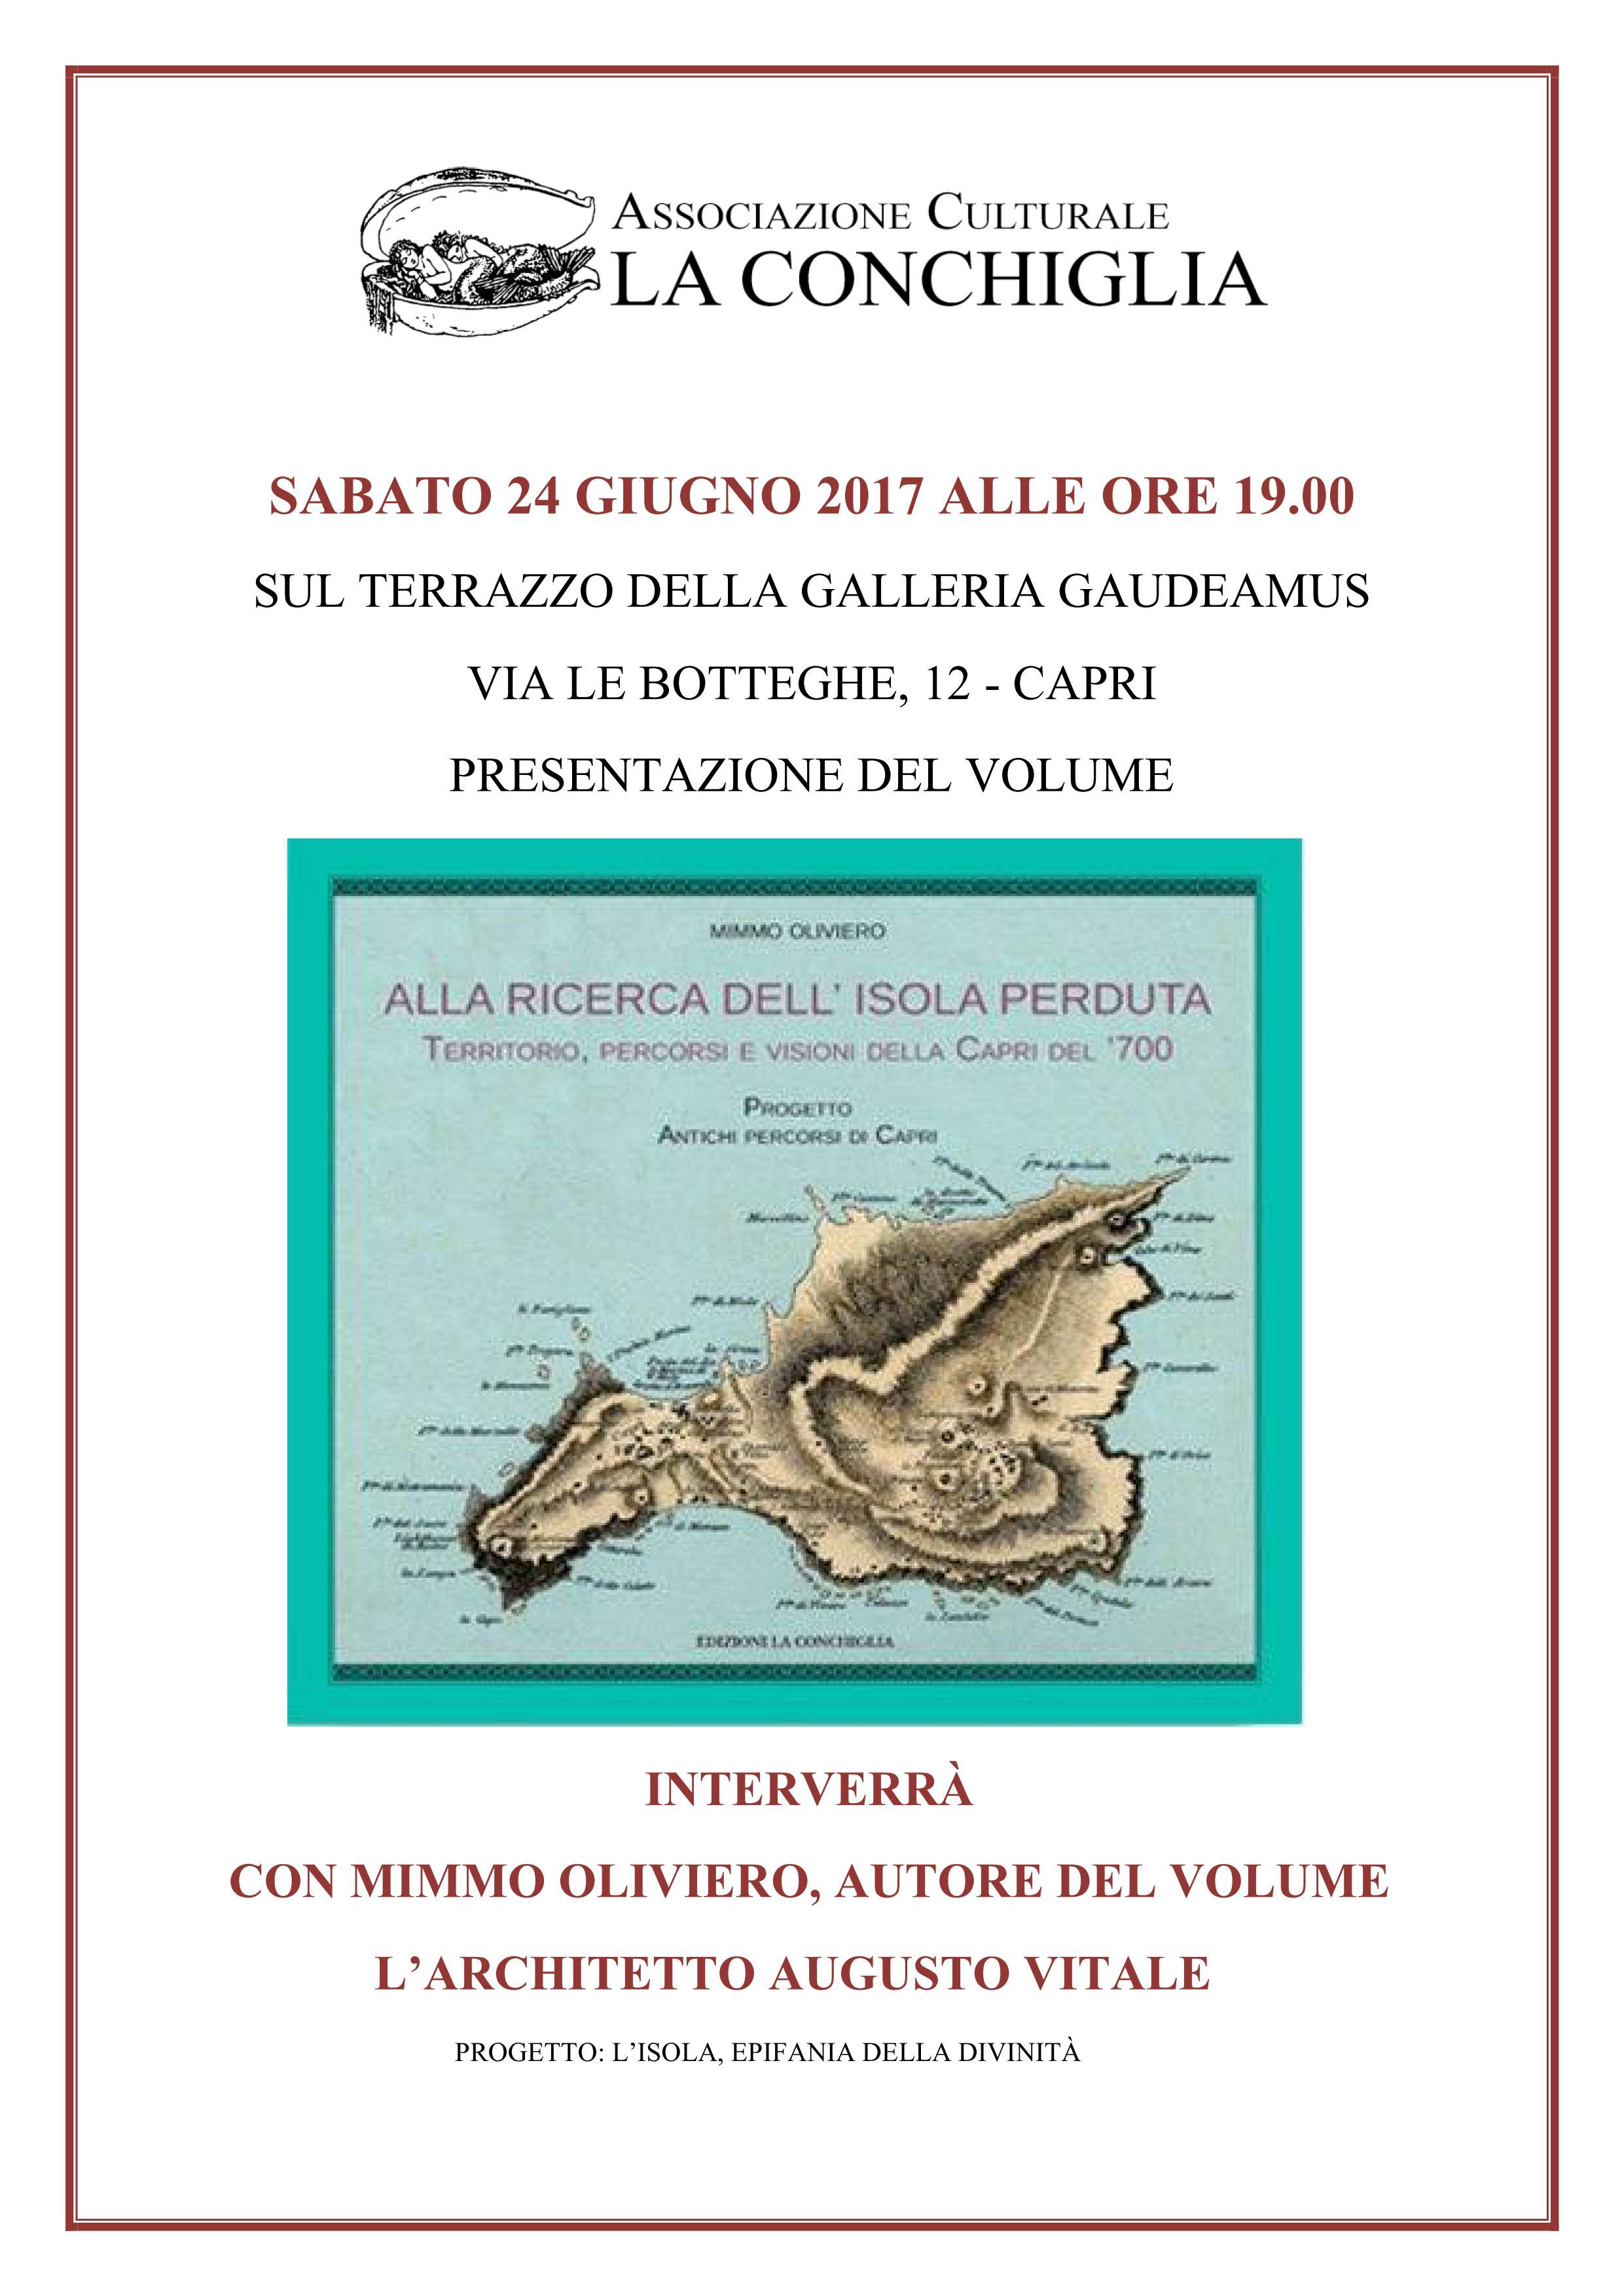 """Presentazione del volume """"Alla ricerca dell'isola perduta"""" di Mimmo Oliviero - Terrazza della Galleria Gaudeamus di Capri, ore 19:00"""